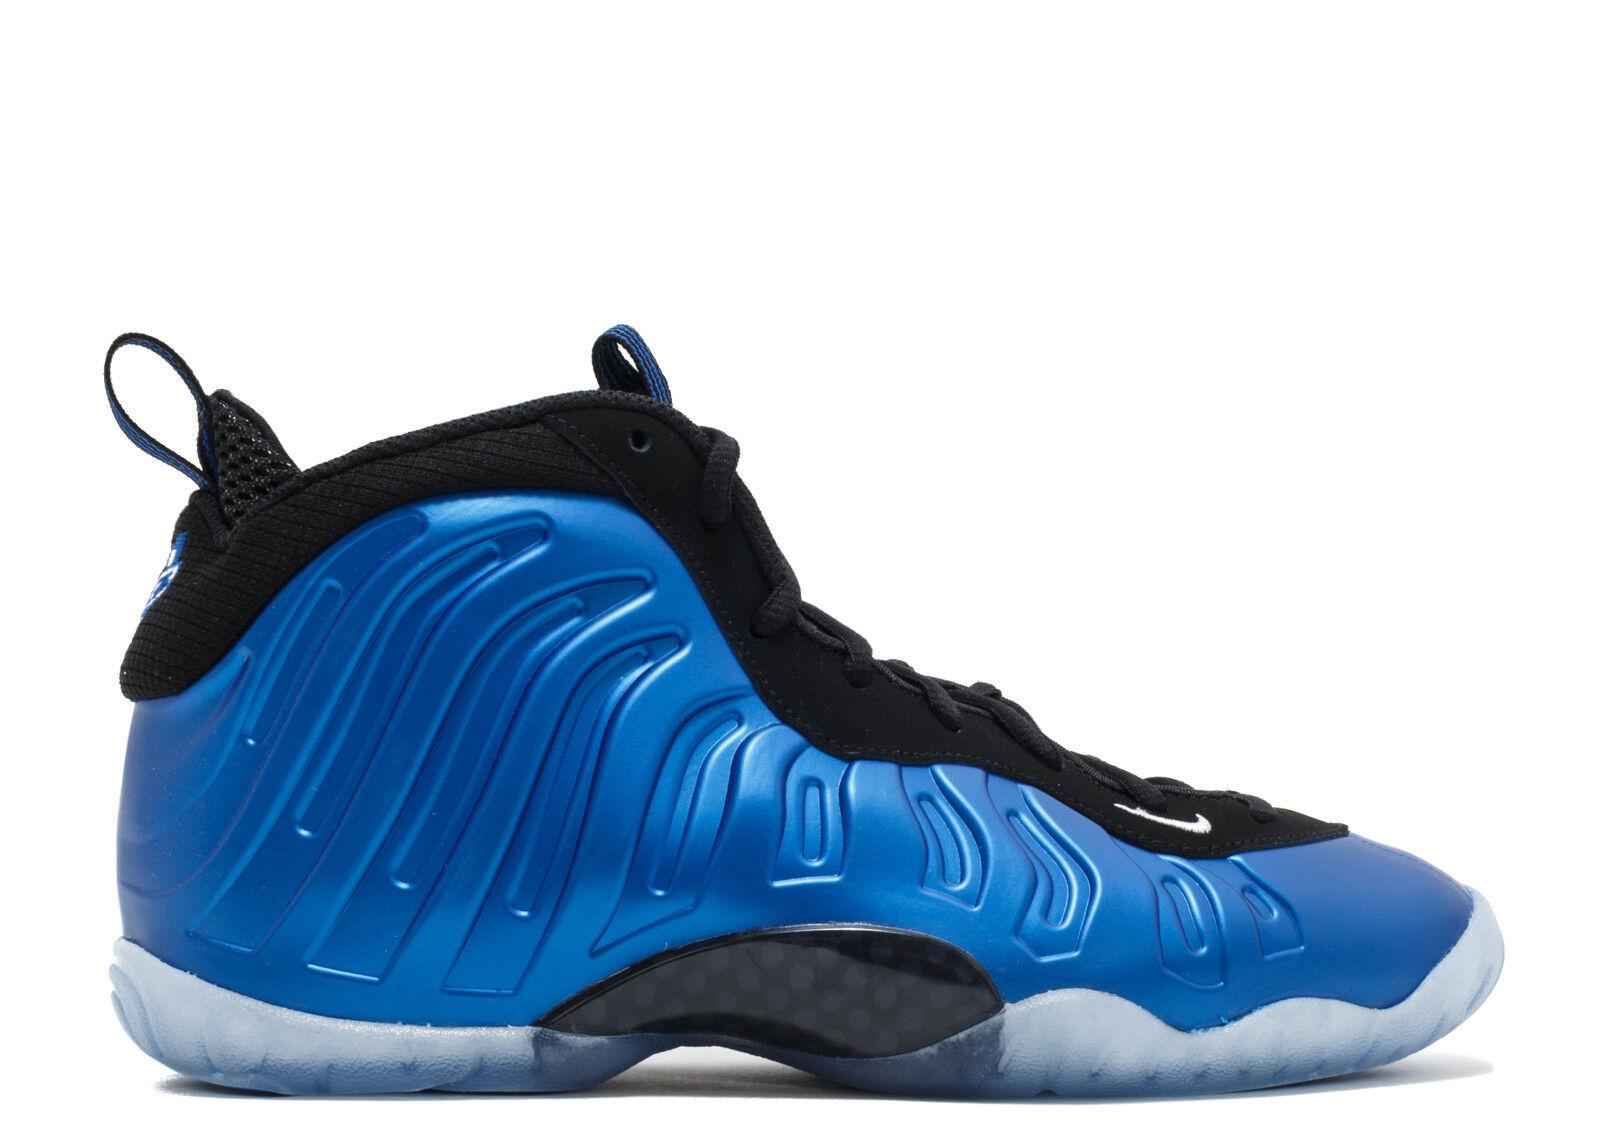 Nike air foamposite poco posite una dimensione reale 5y qs. 898061-500 jordan 5